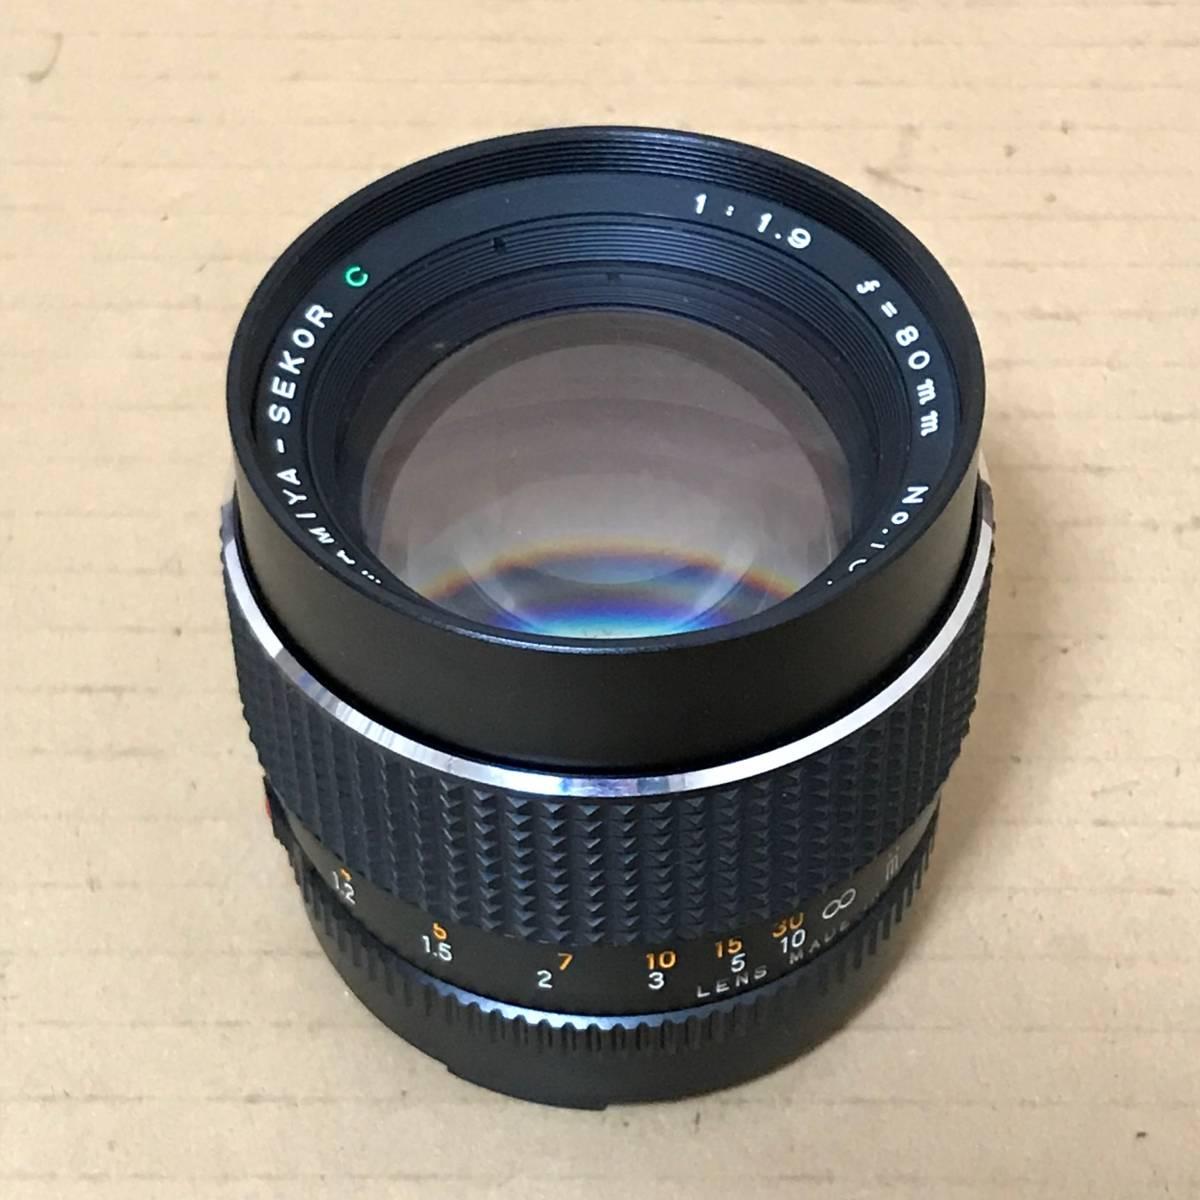 マミヤ MAMIYA SEKOR C 1: 1.9 80mm 中判 カメラ 用 レンズ 大口径 銘玉 Medium Format F